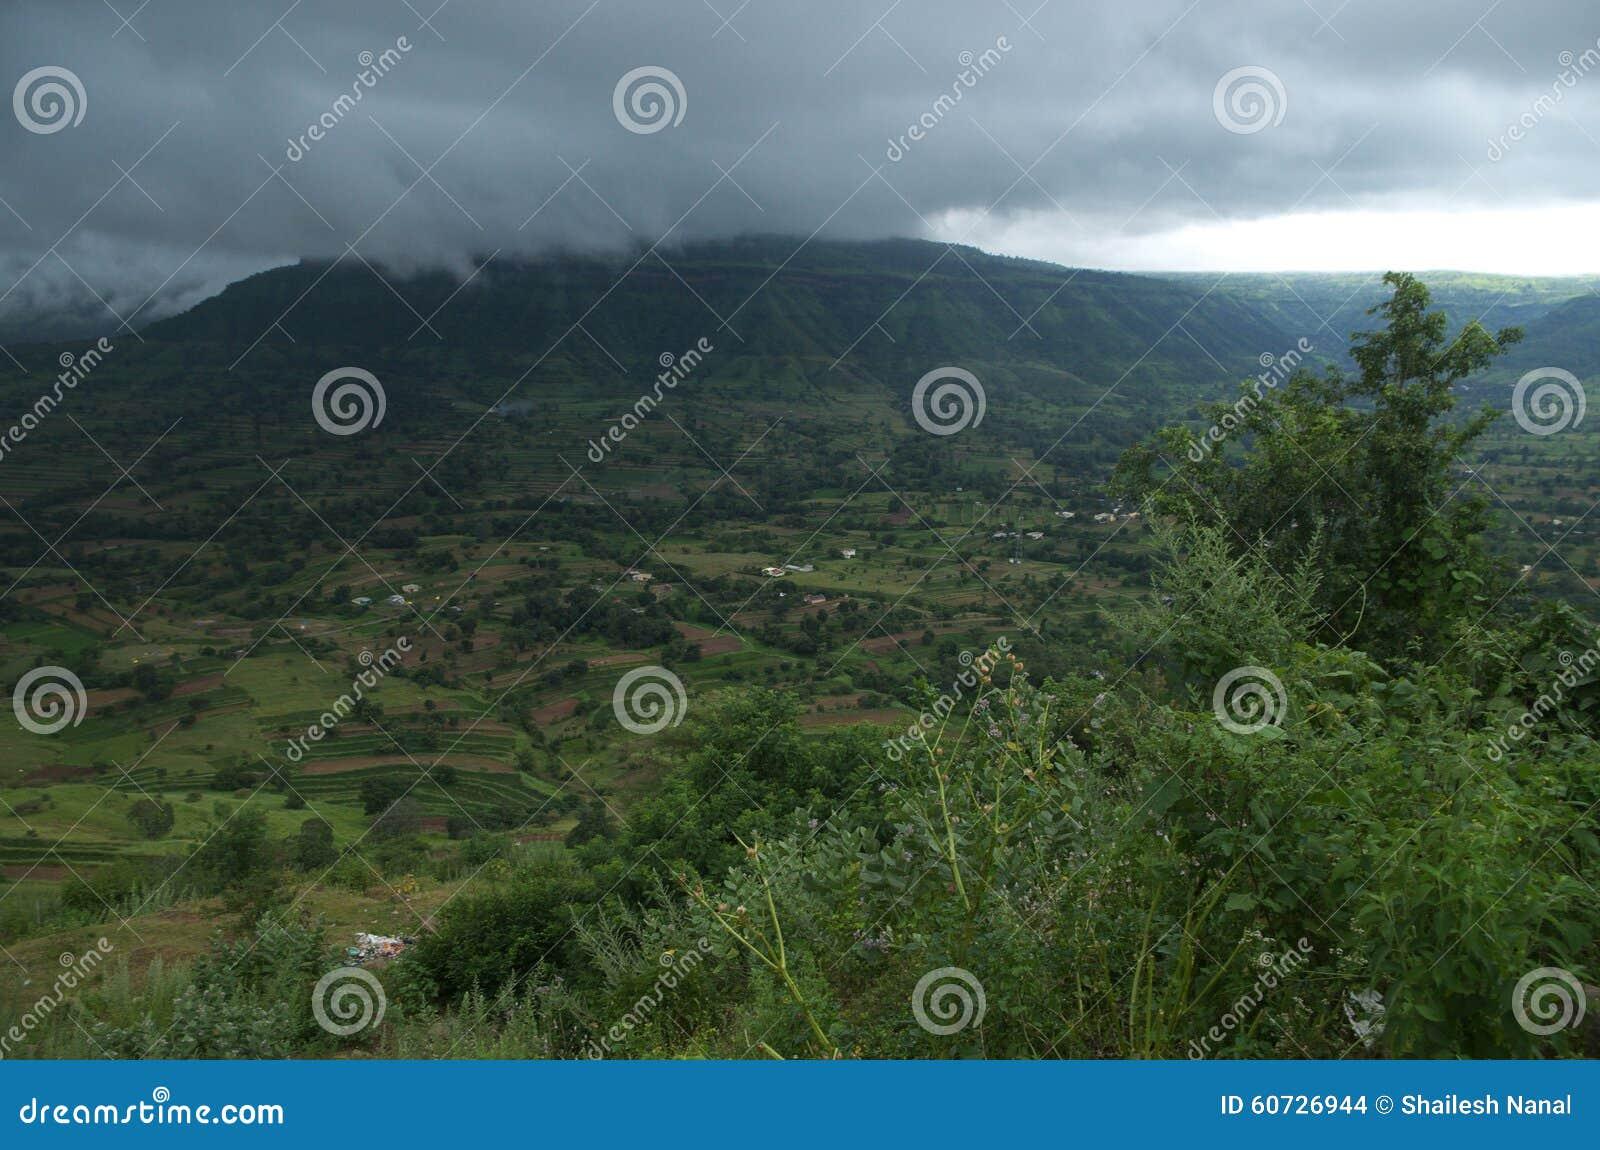 Donker moessonlandschap in Sajjangad